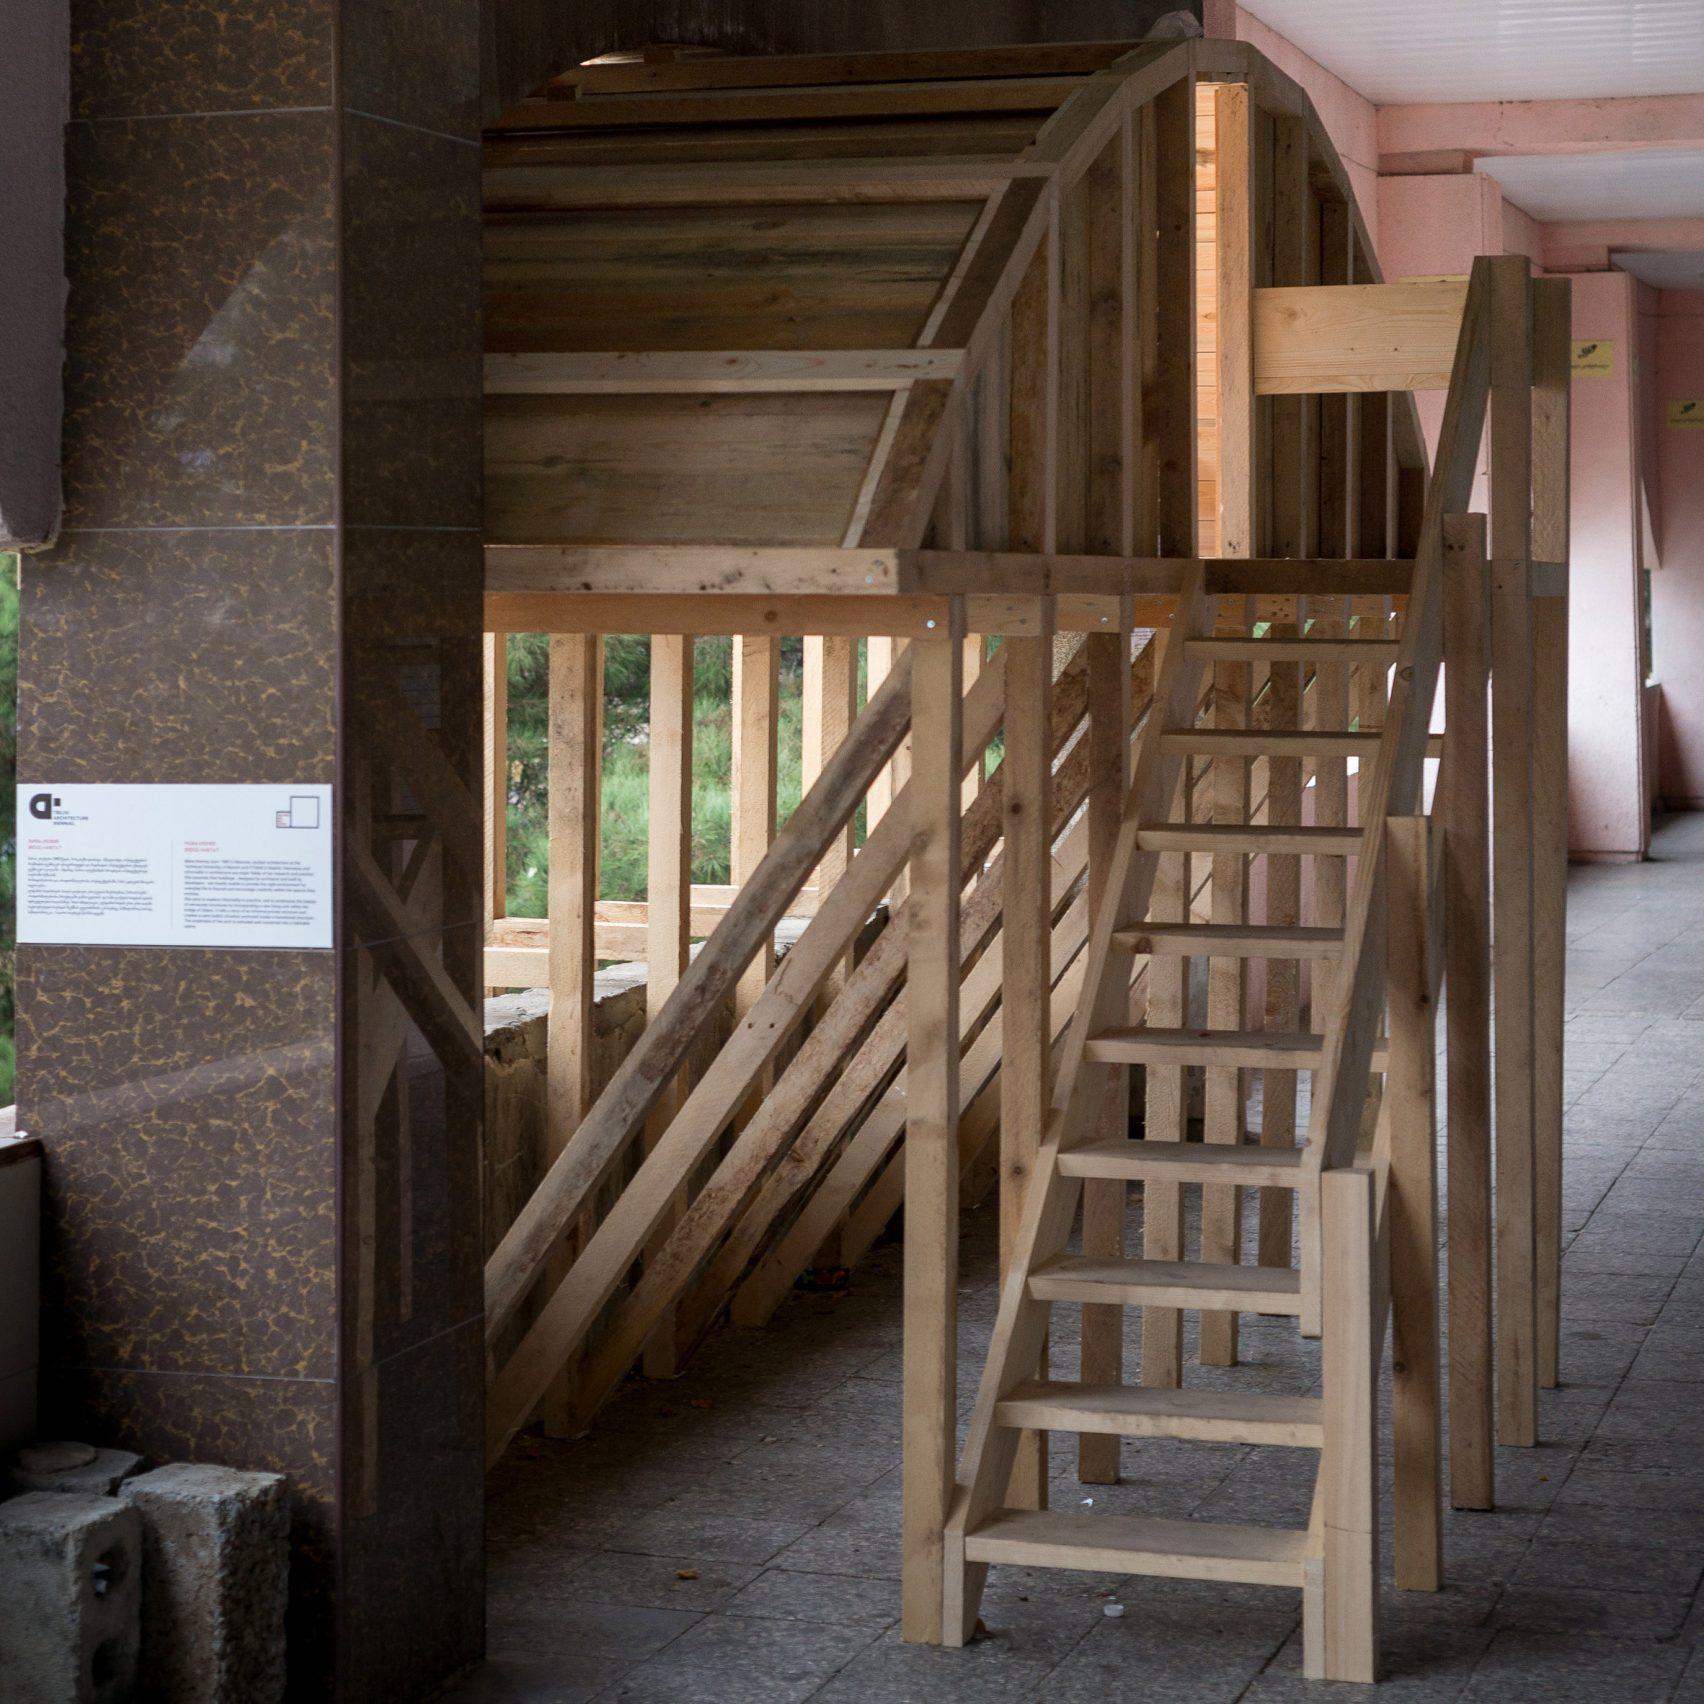 Habitat by Maria Kremer